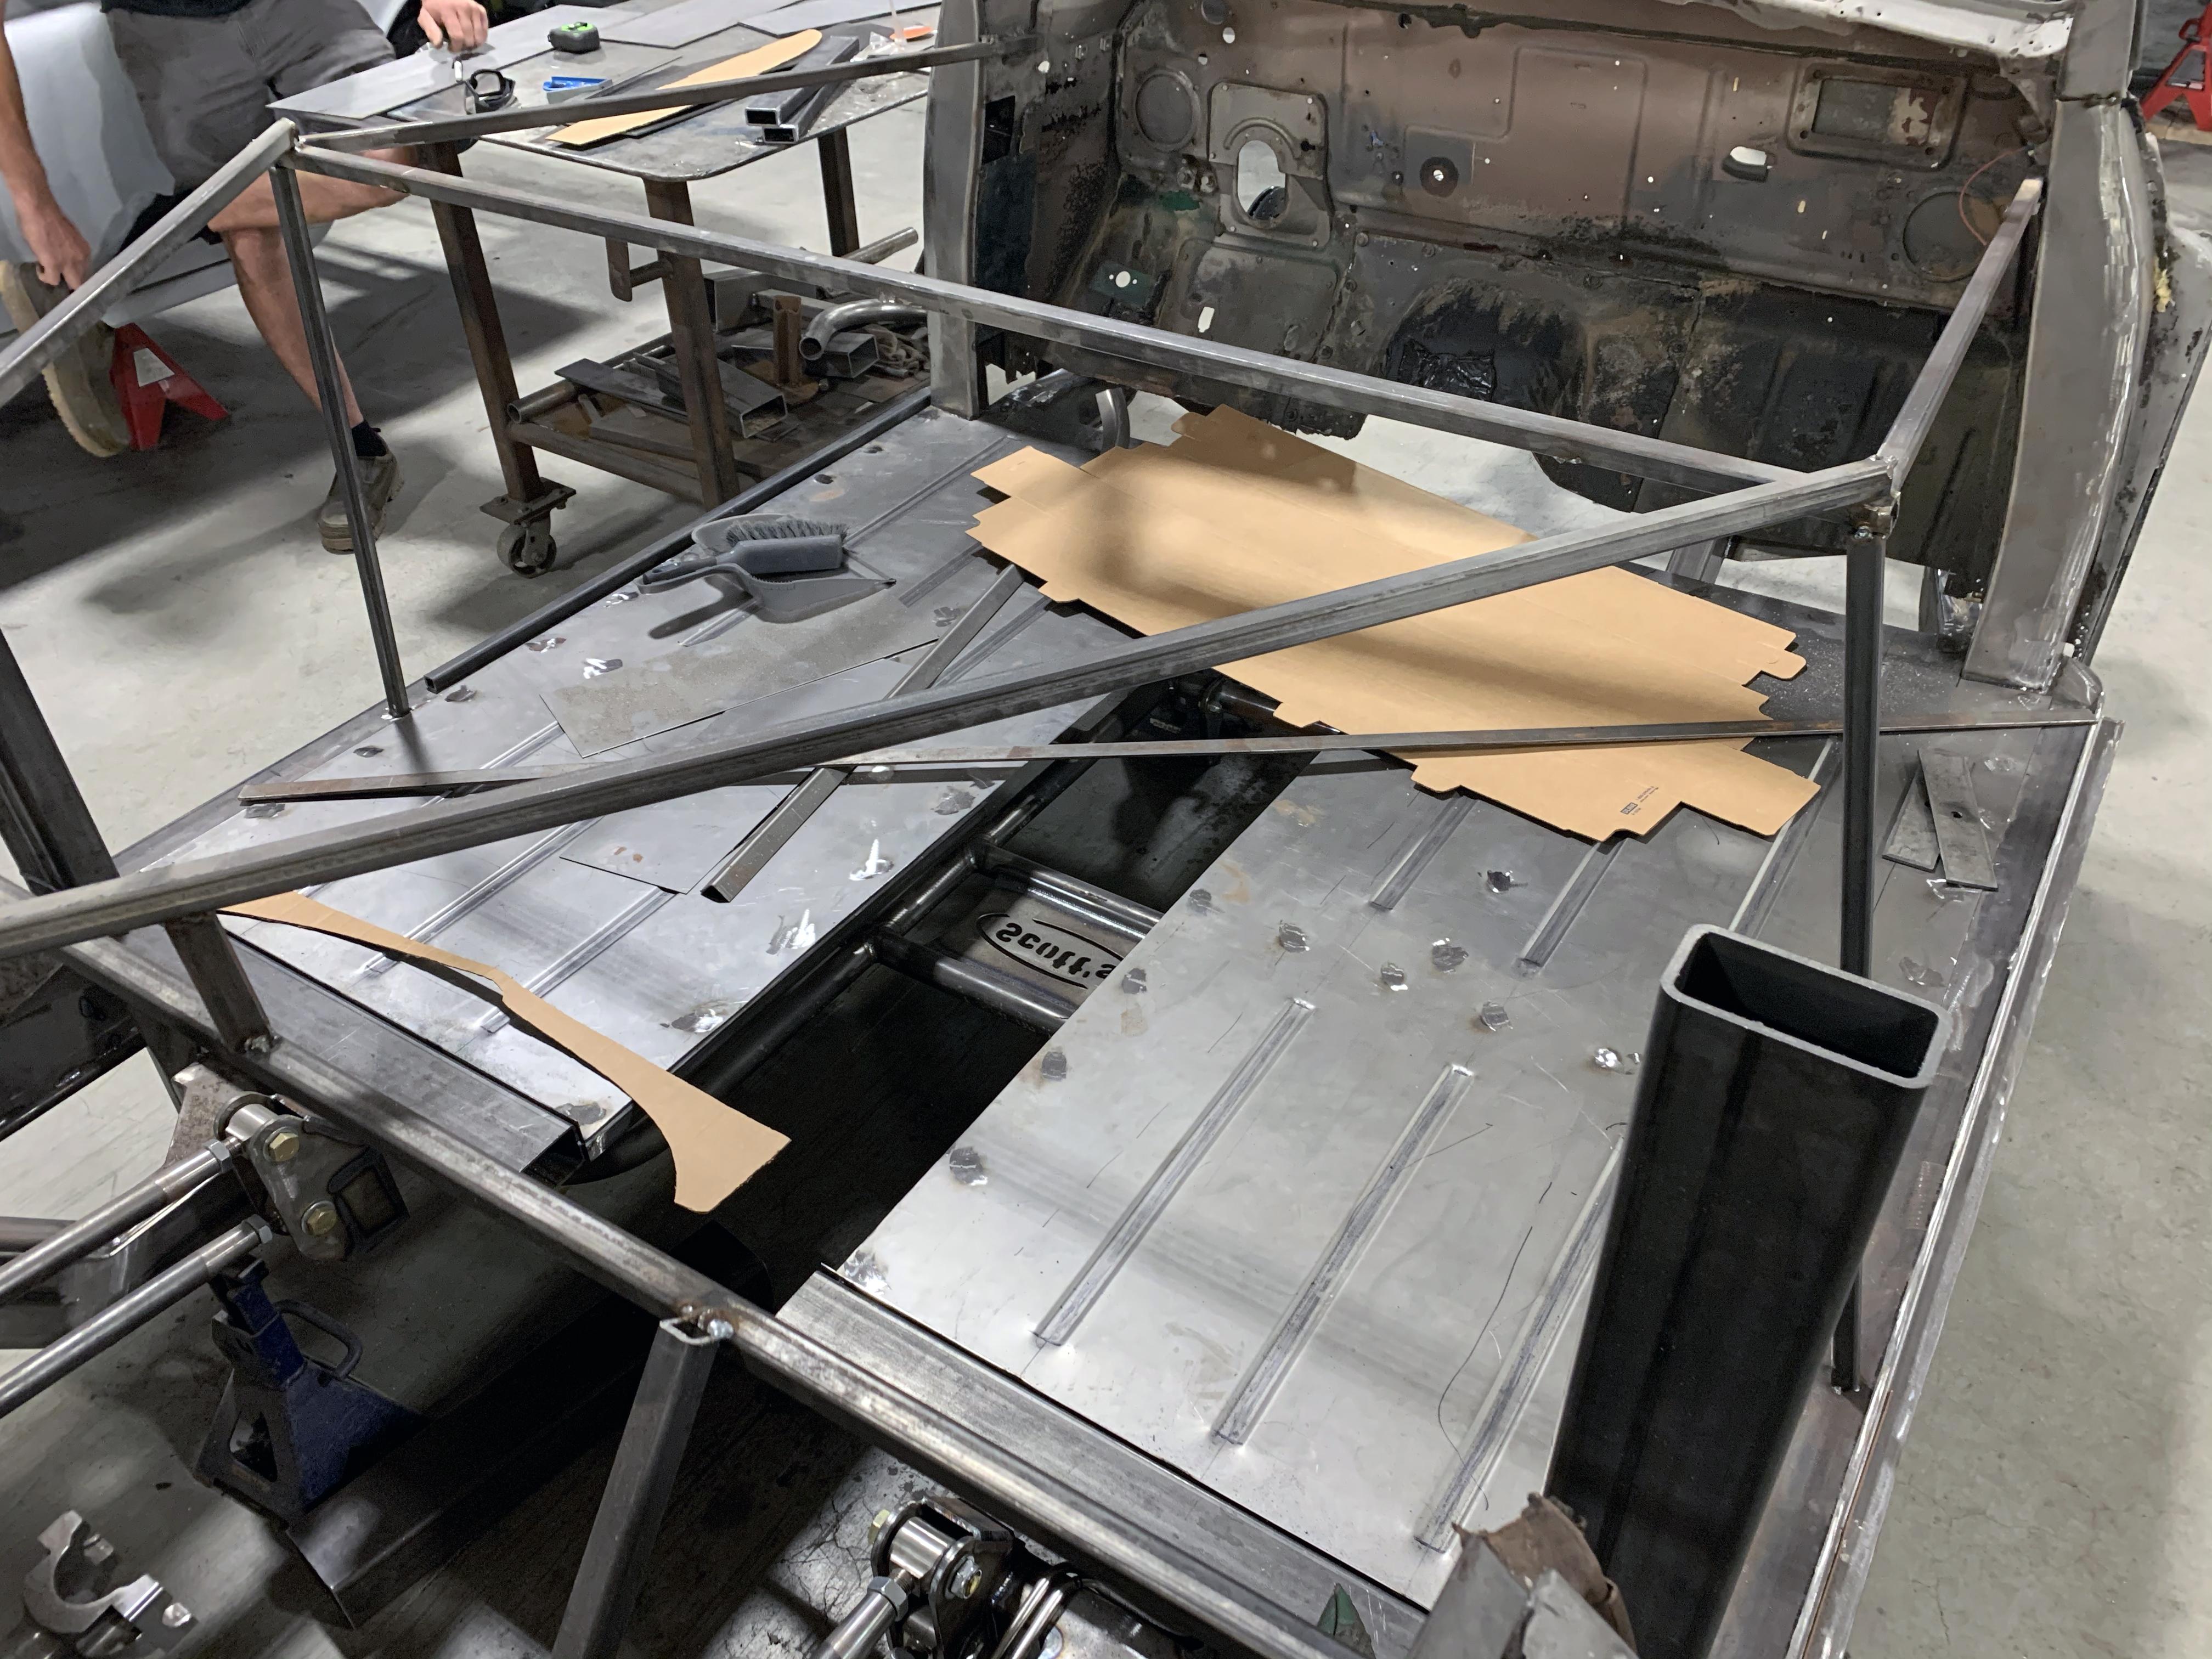 scotts-hotrods-51-merc-project-38